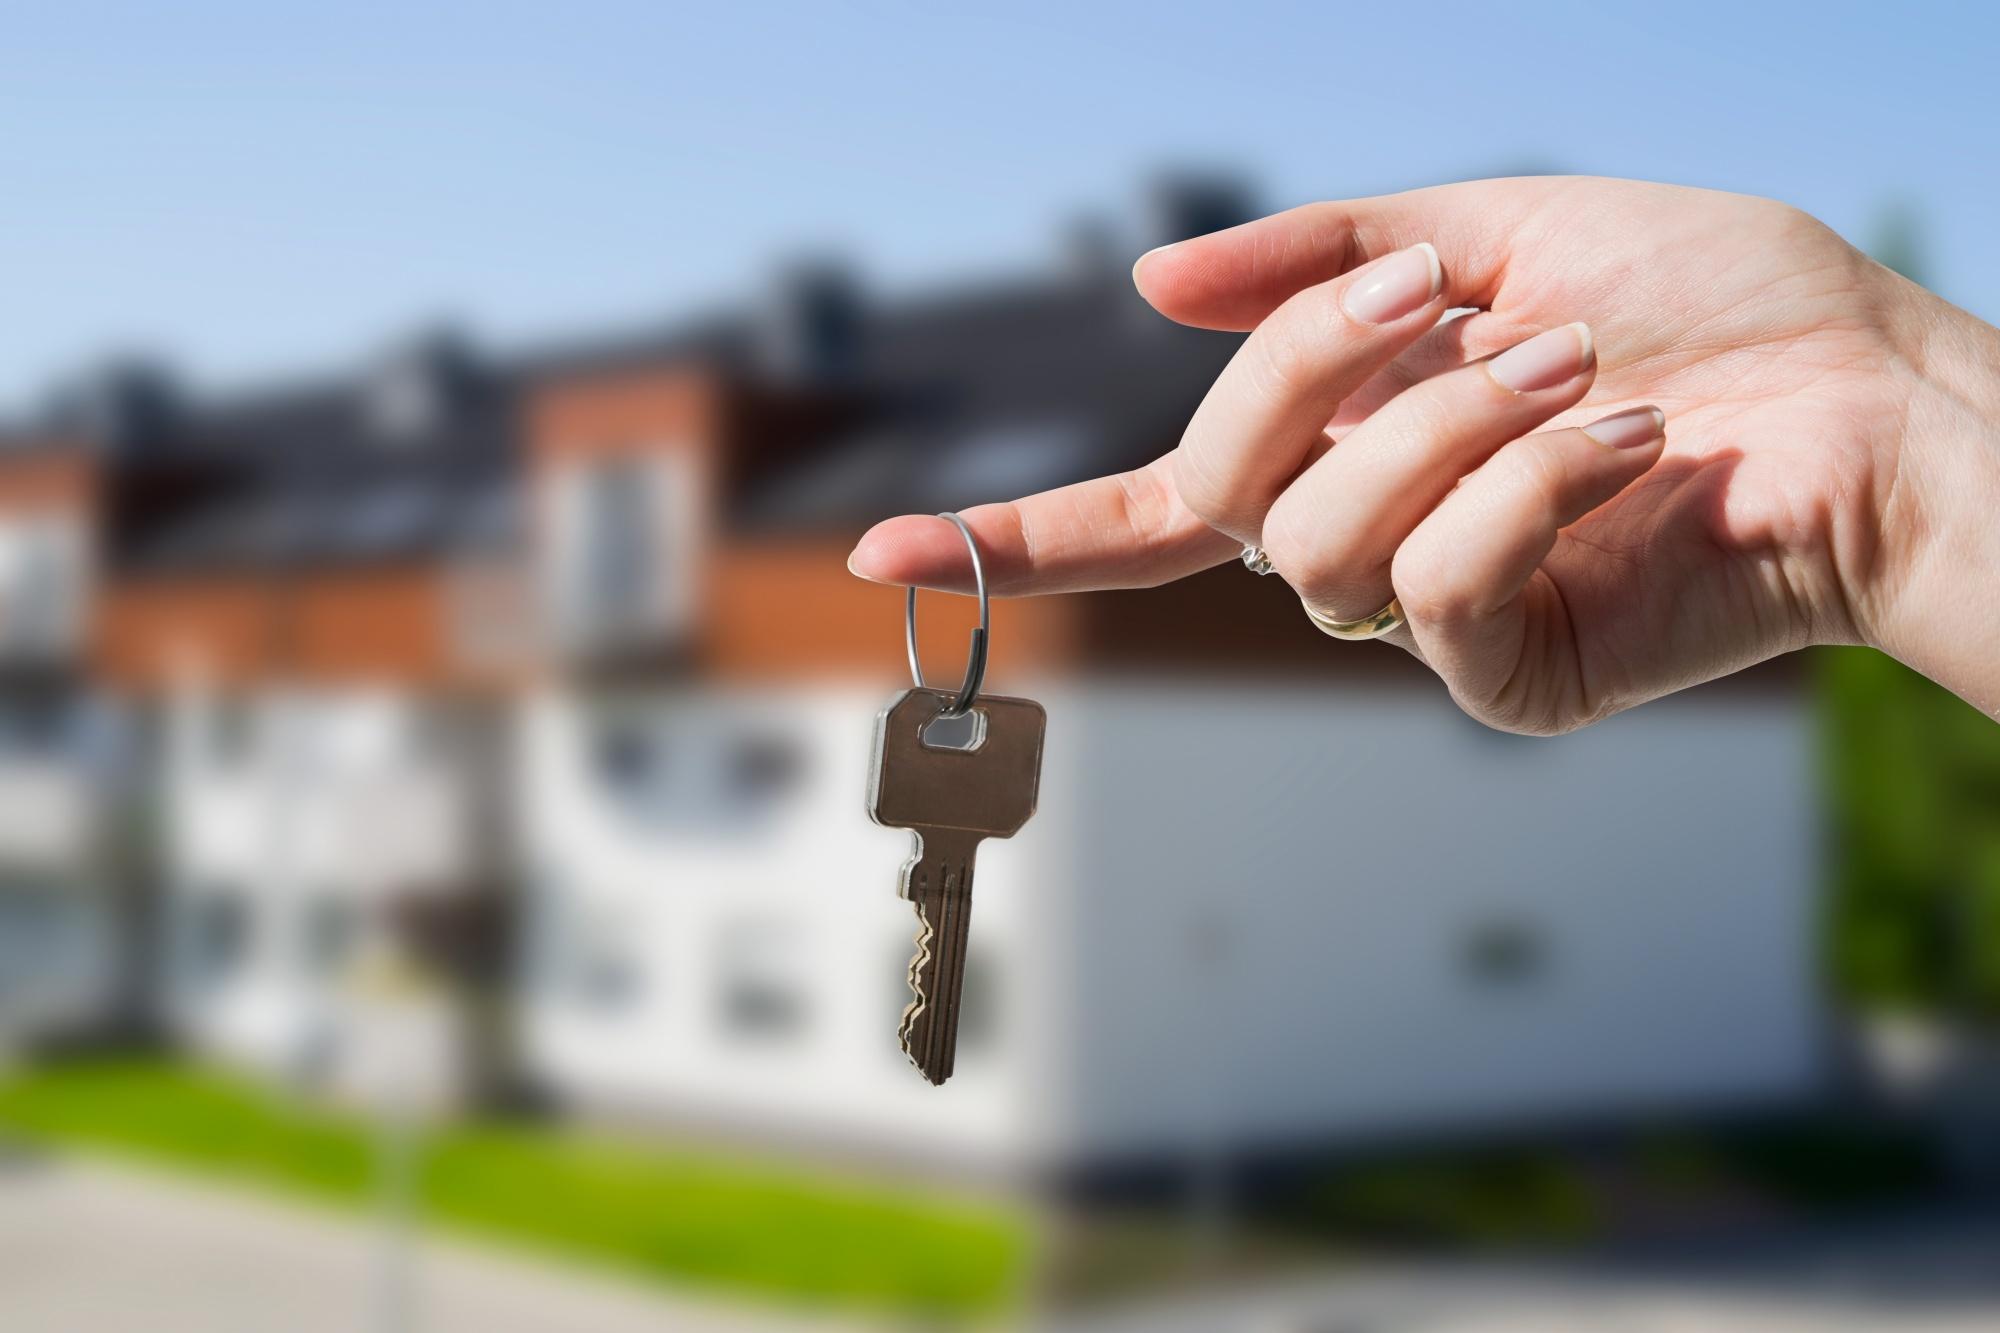 До какого года можно приватизировать квартиру?